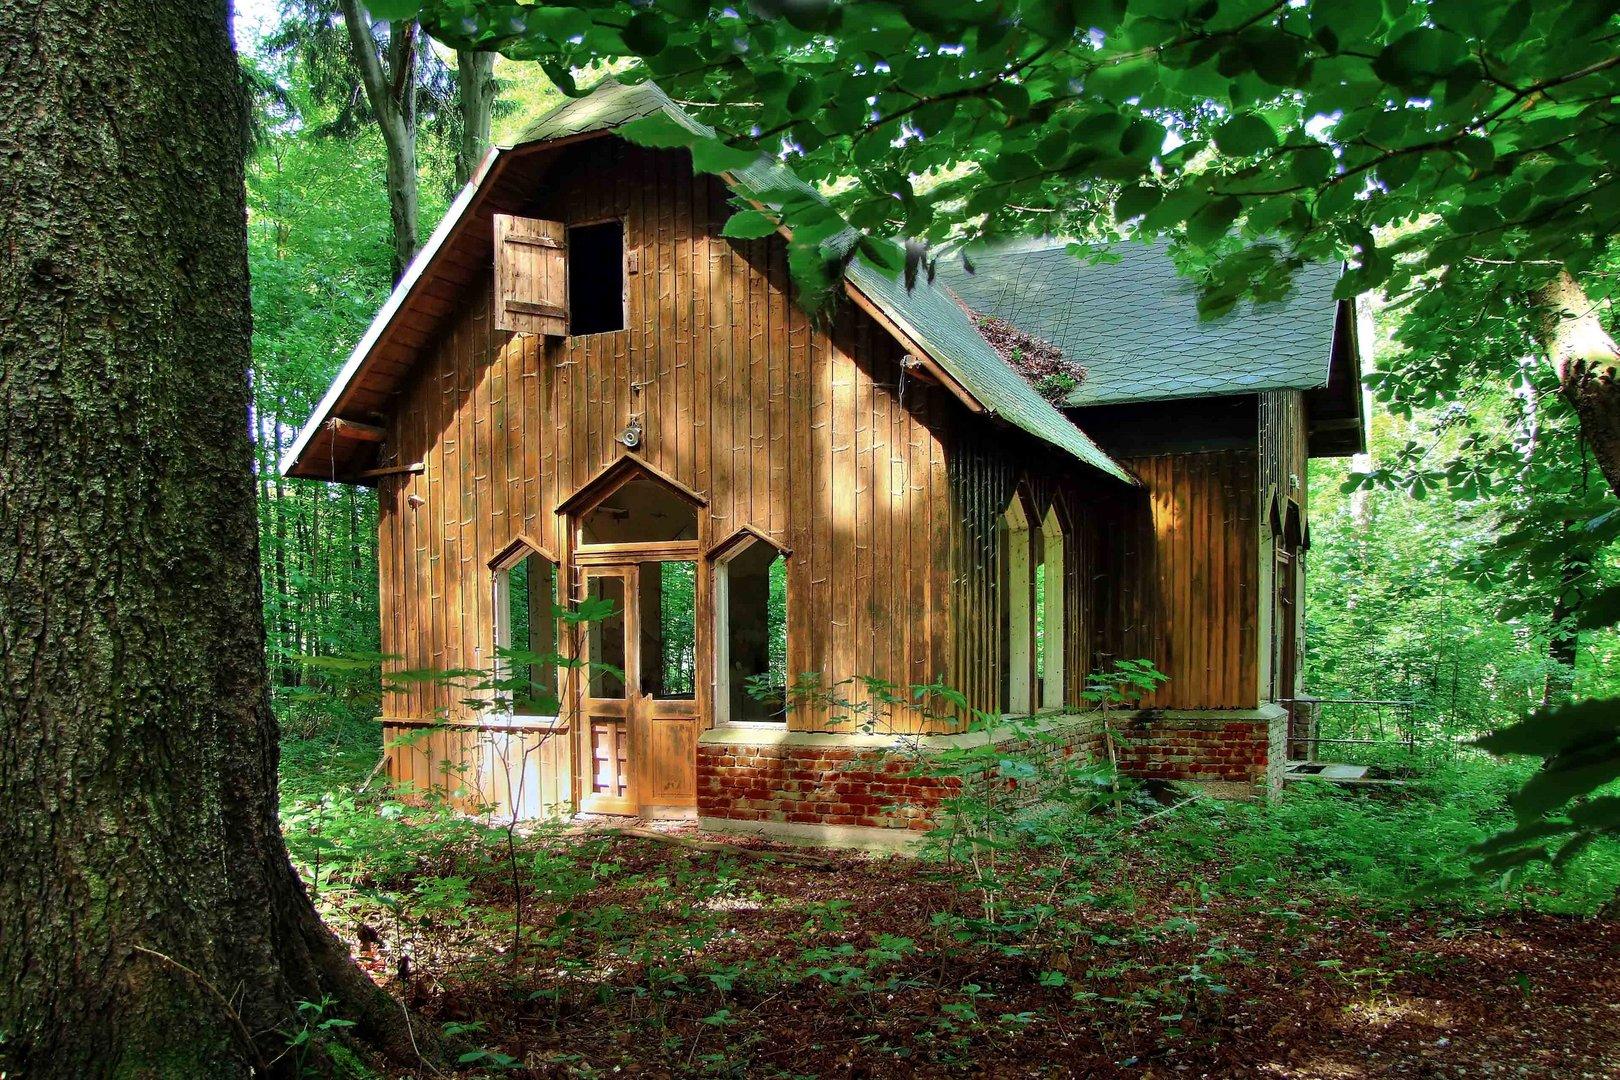 kleines Haus am Wald Foto & Bild | landschaft, wald, natur